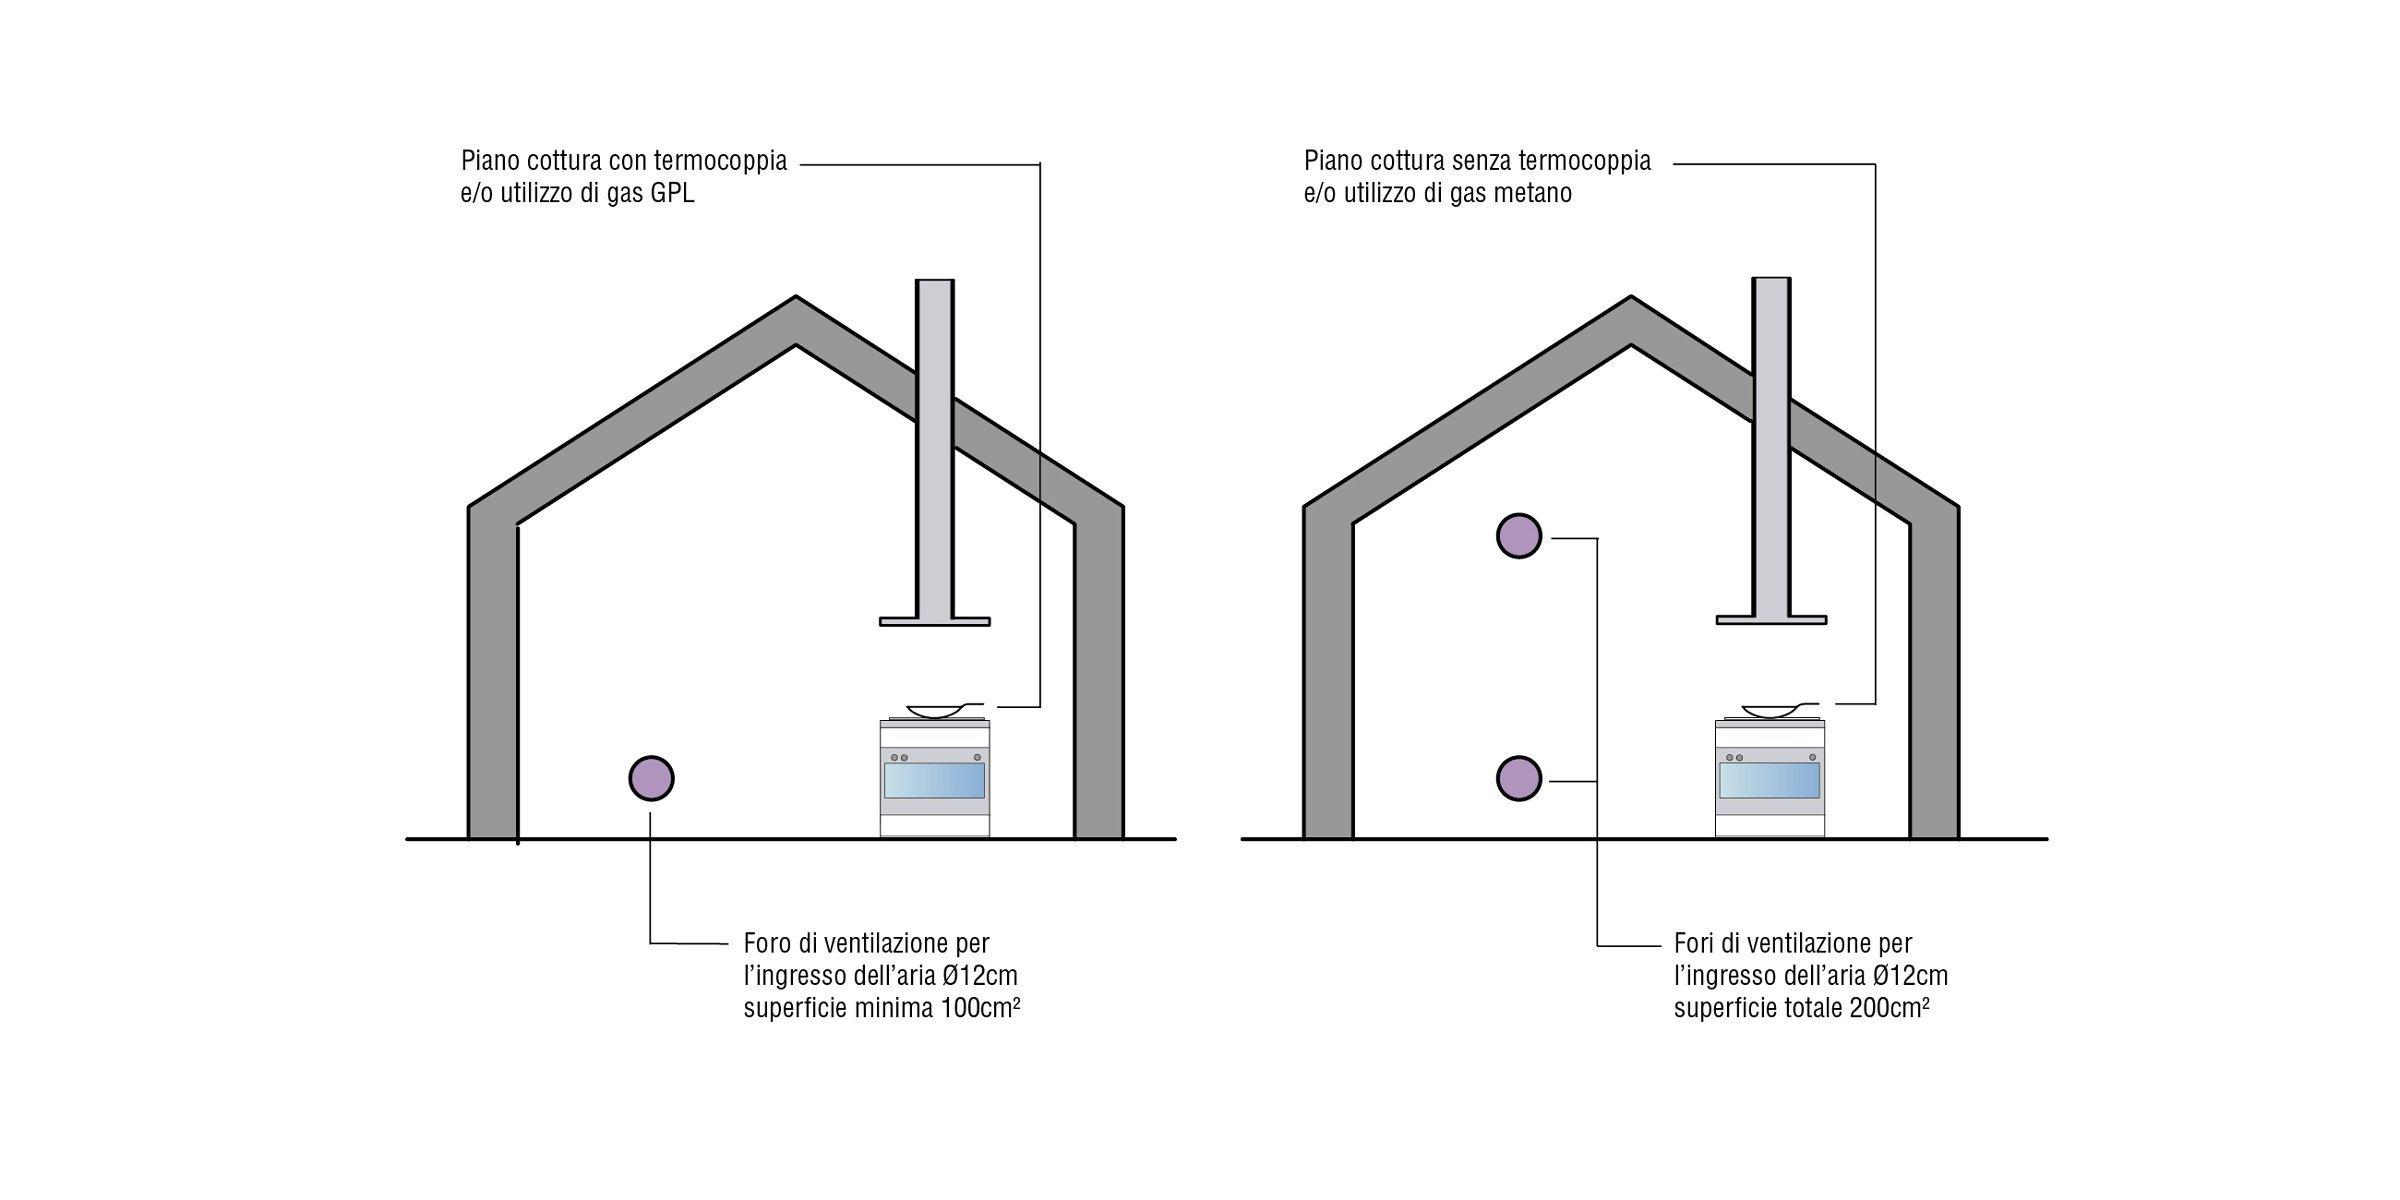 Ristrutturare cucina la guida completa - Aerazione cucina gas metano ...